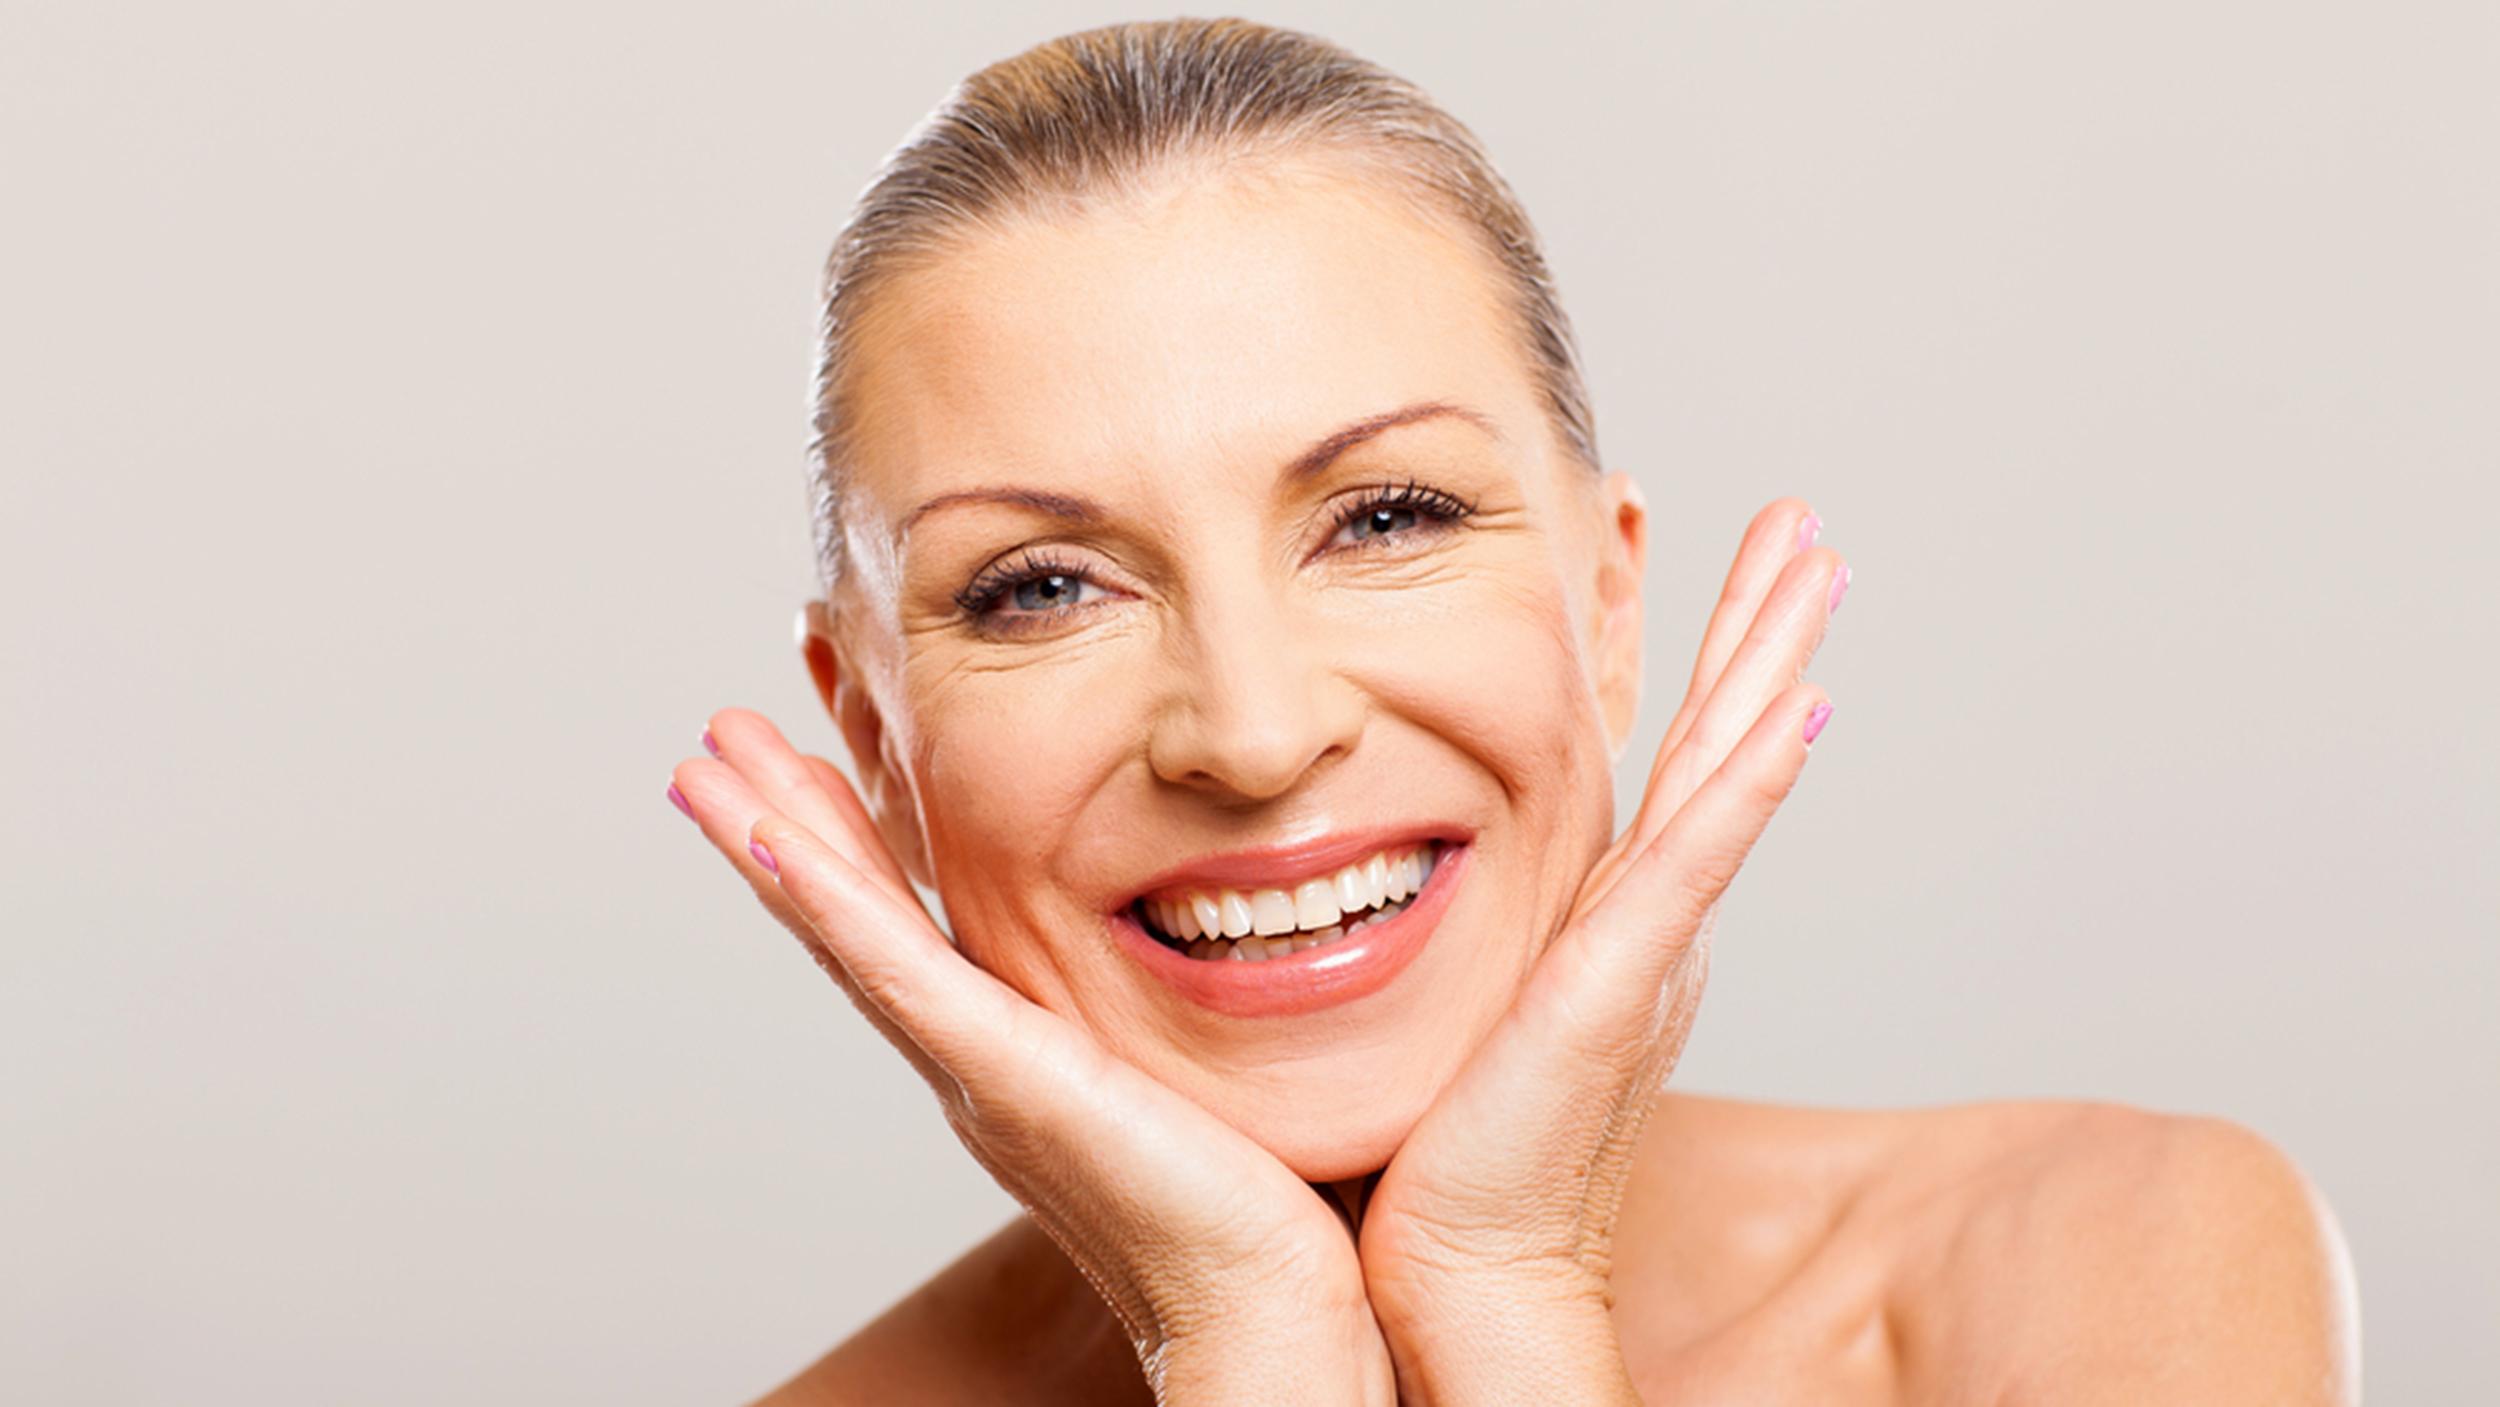 Comment bien entretenir sa peau contre le vieillissement